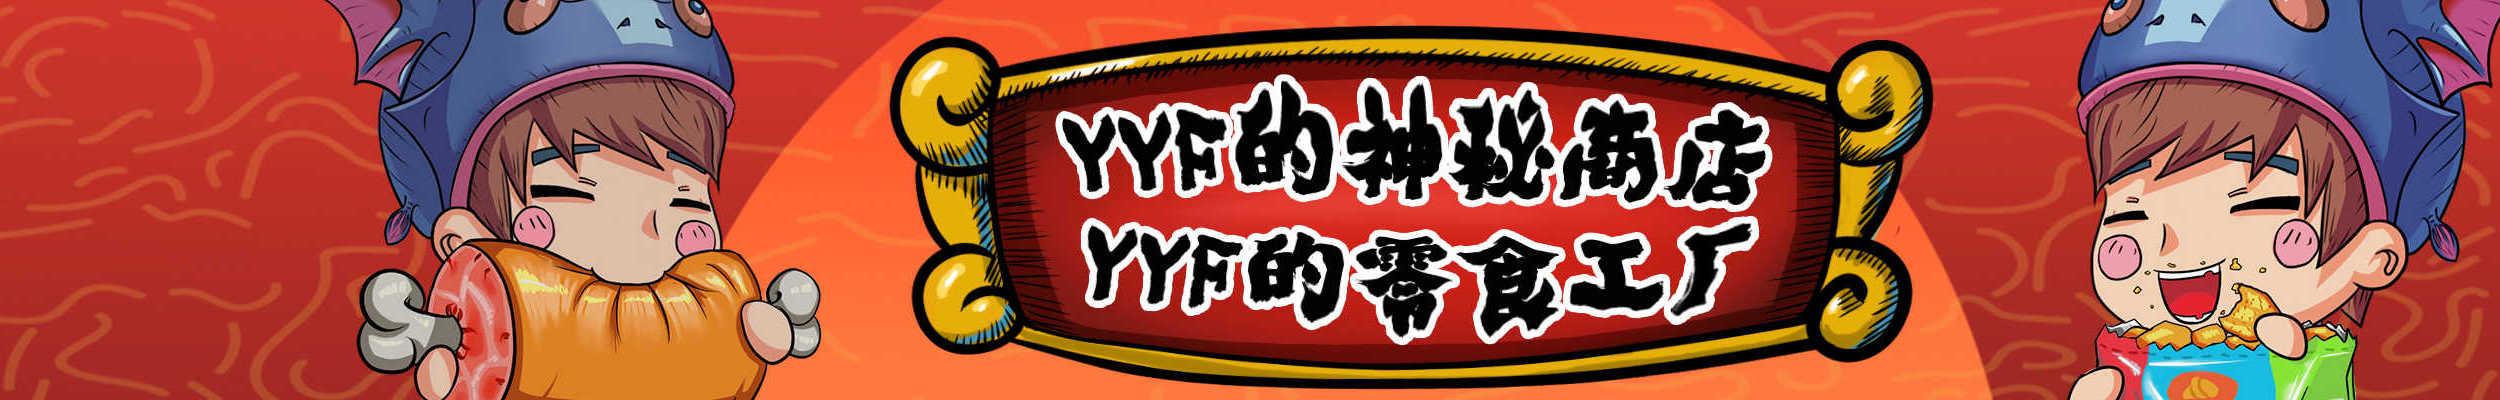 用户_063982 banner